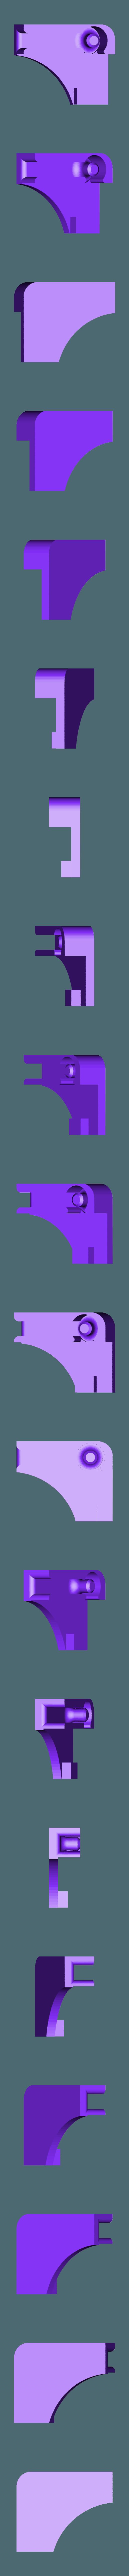 lanceur2.stl Télécharger fichier STL gratuit Shark knife • Design imprimable en 3D, rfbat